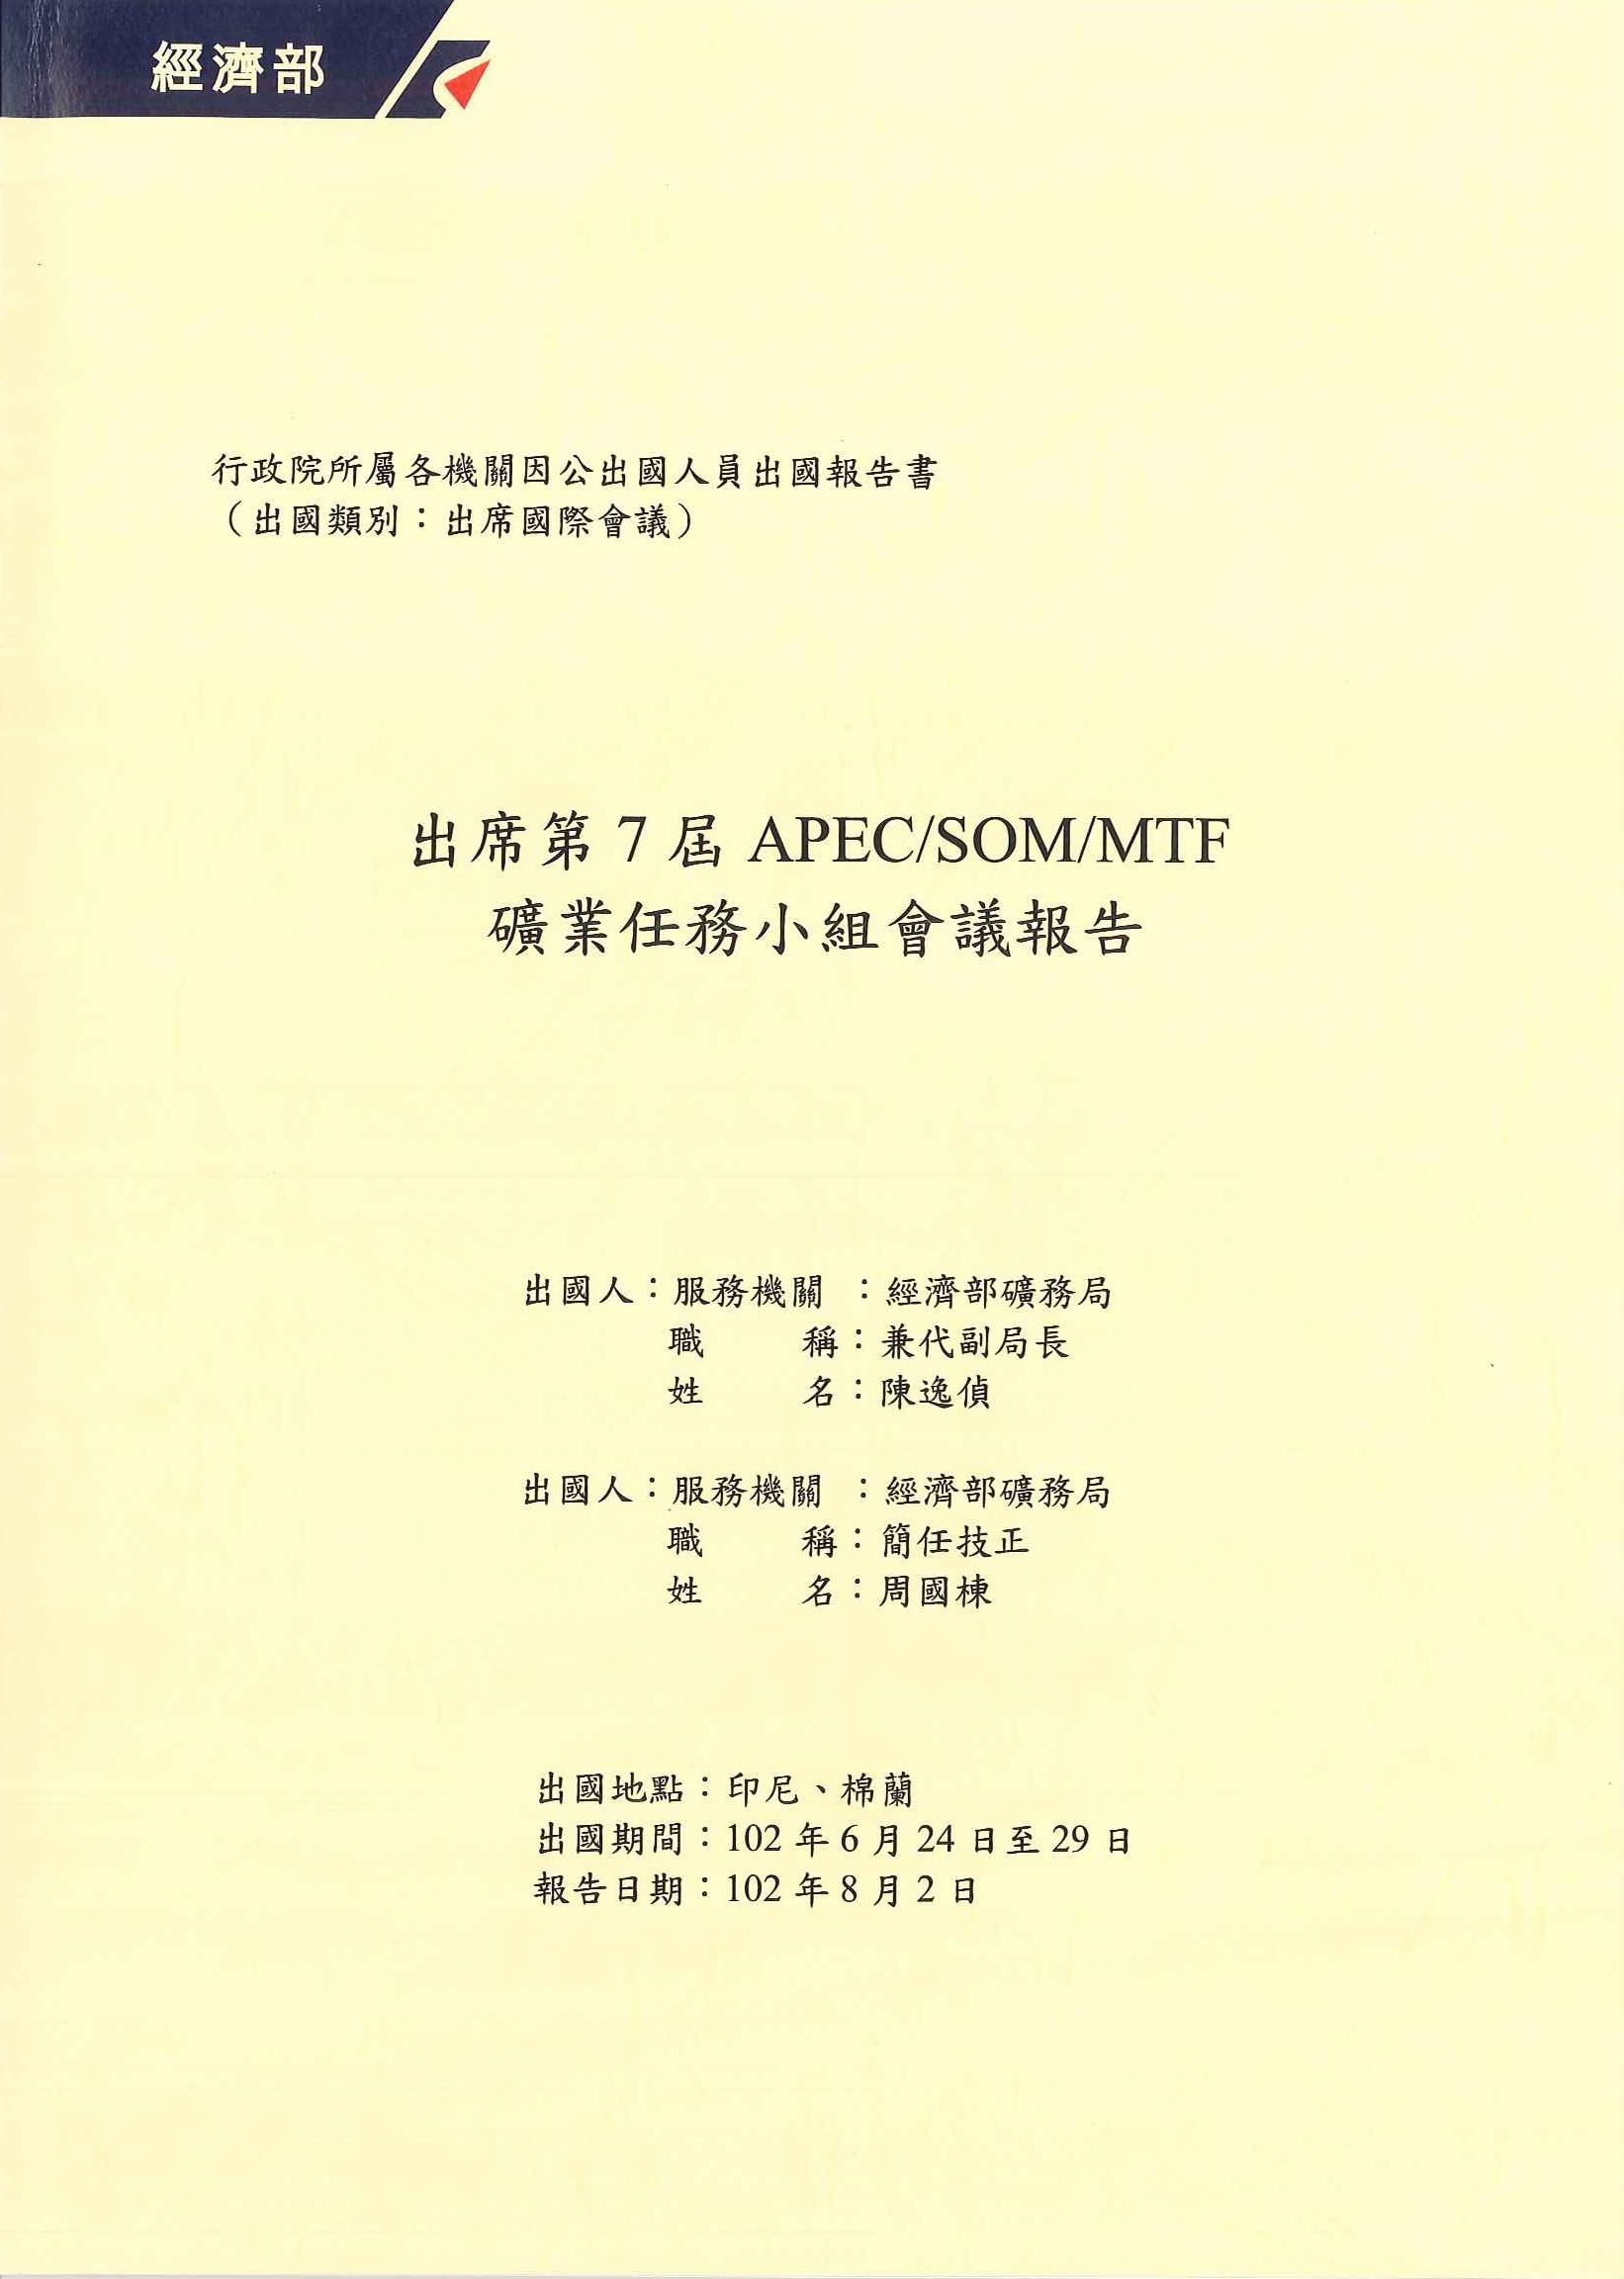 出席第七屆APEC/SOM/MTF礦業任務小組會議報告